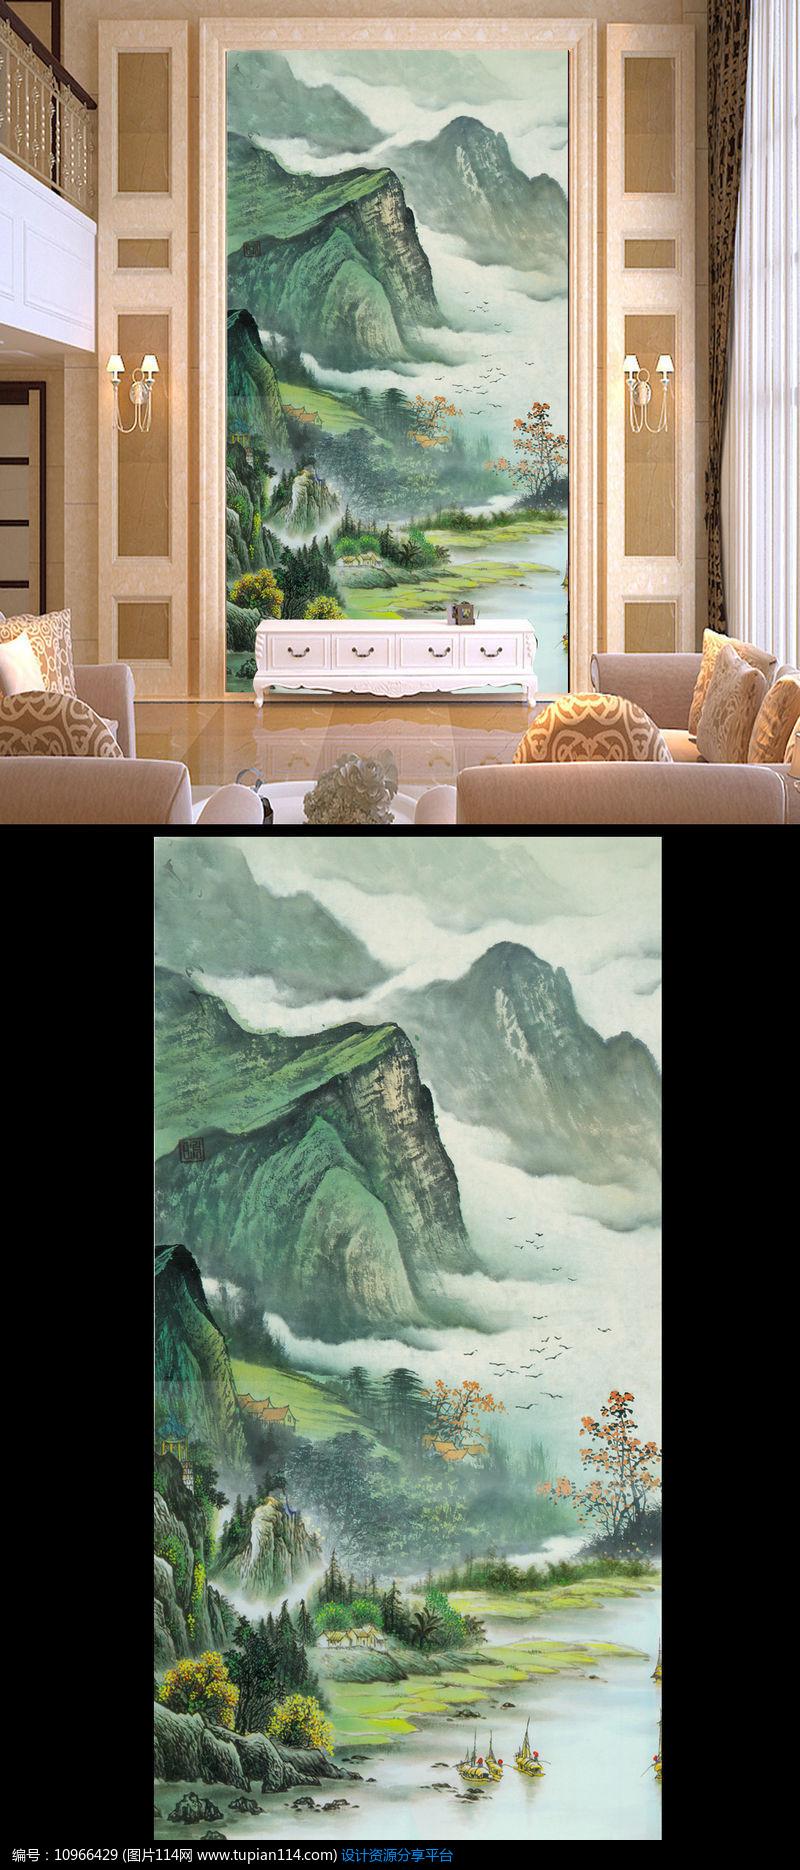 [原创] 客厅山水画风景画玄关